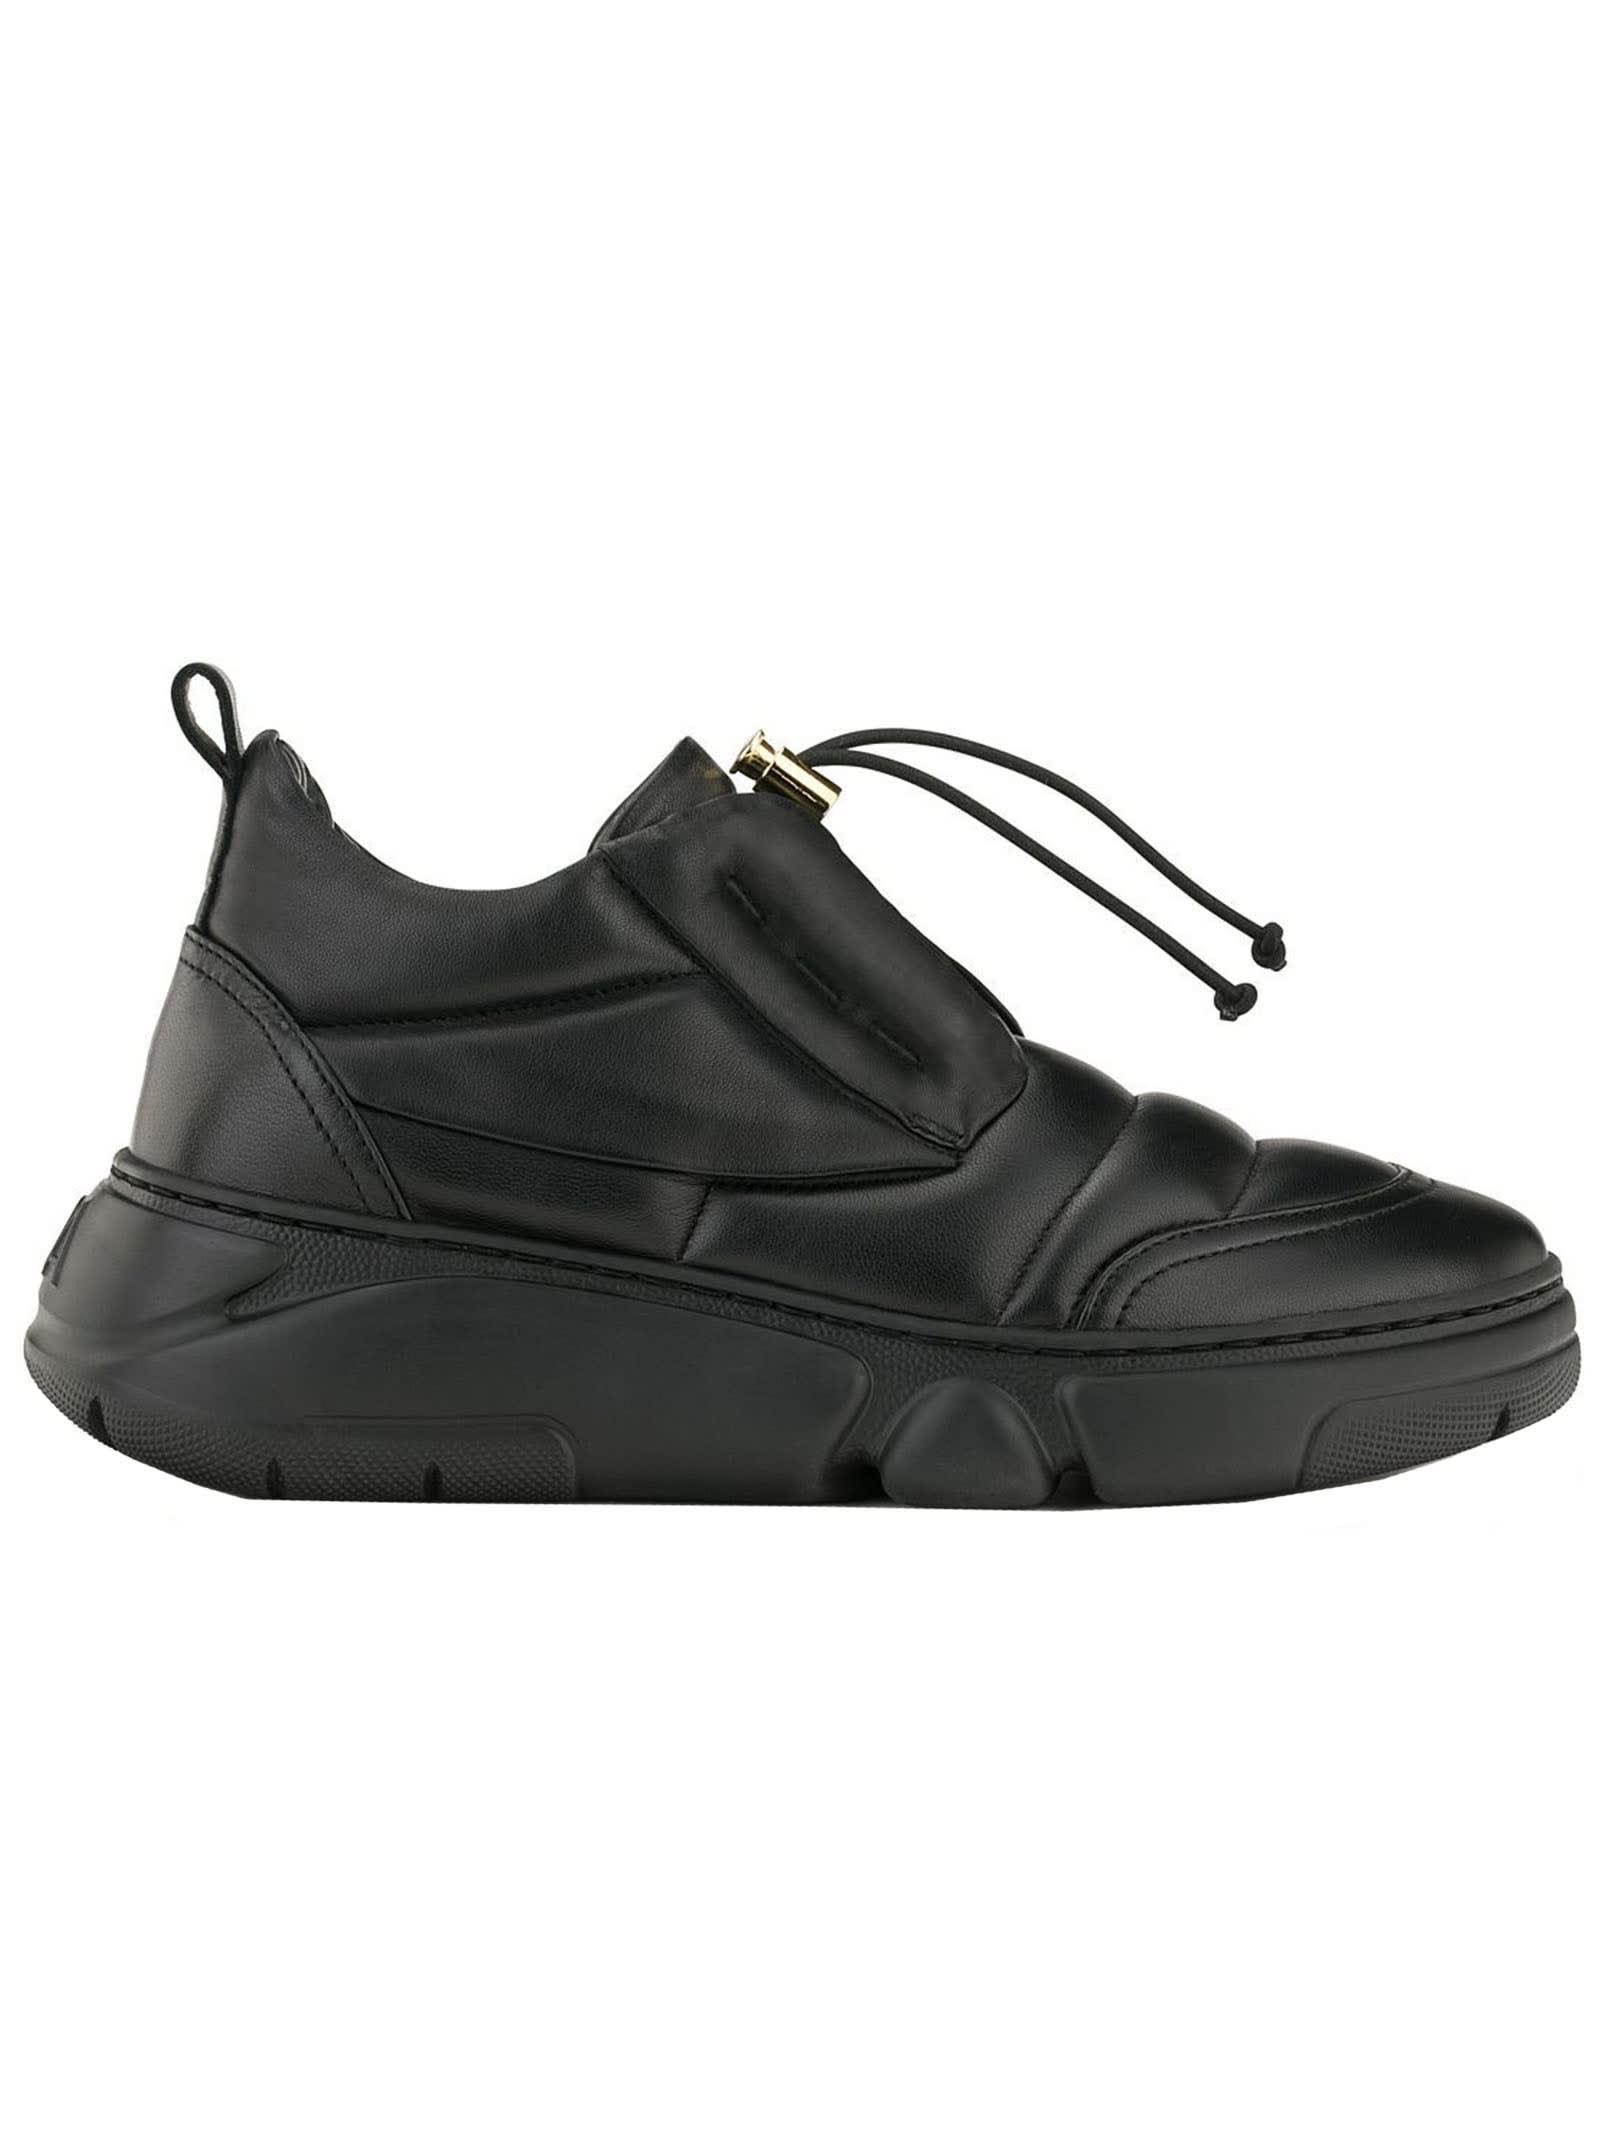 Agl D938012pg Black Leather Venus Sneakers